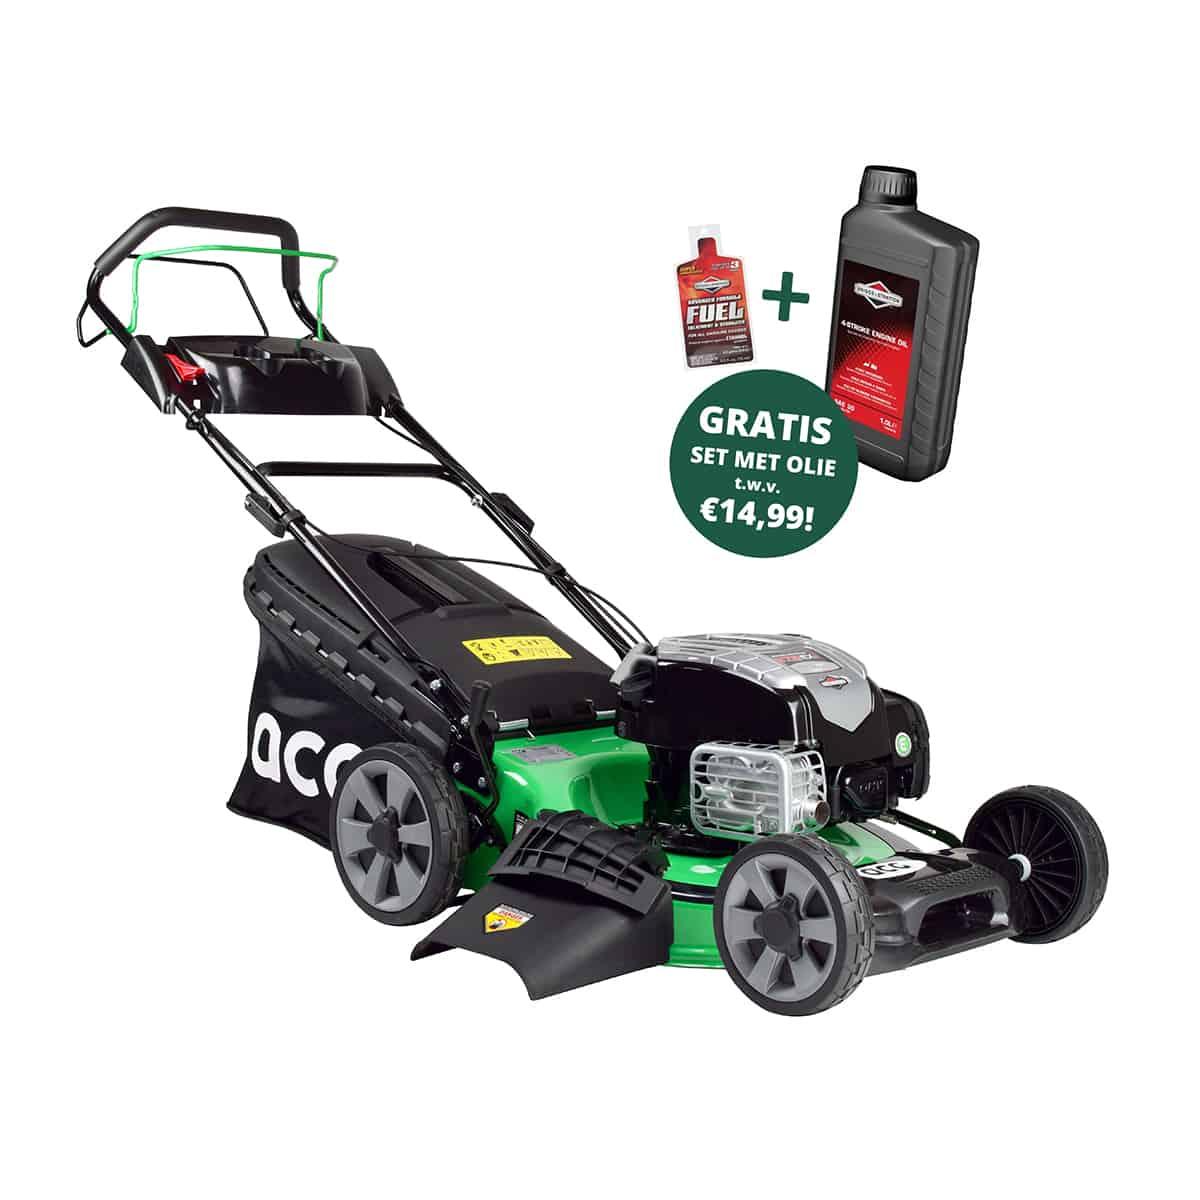 Benzin-Rasenmäher der Marke ACG  mit 51 cm Mähdeck